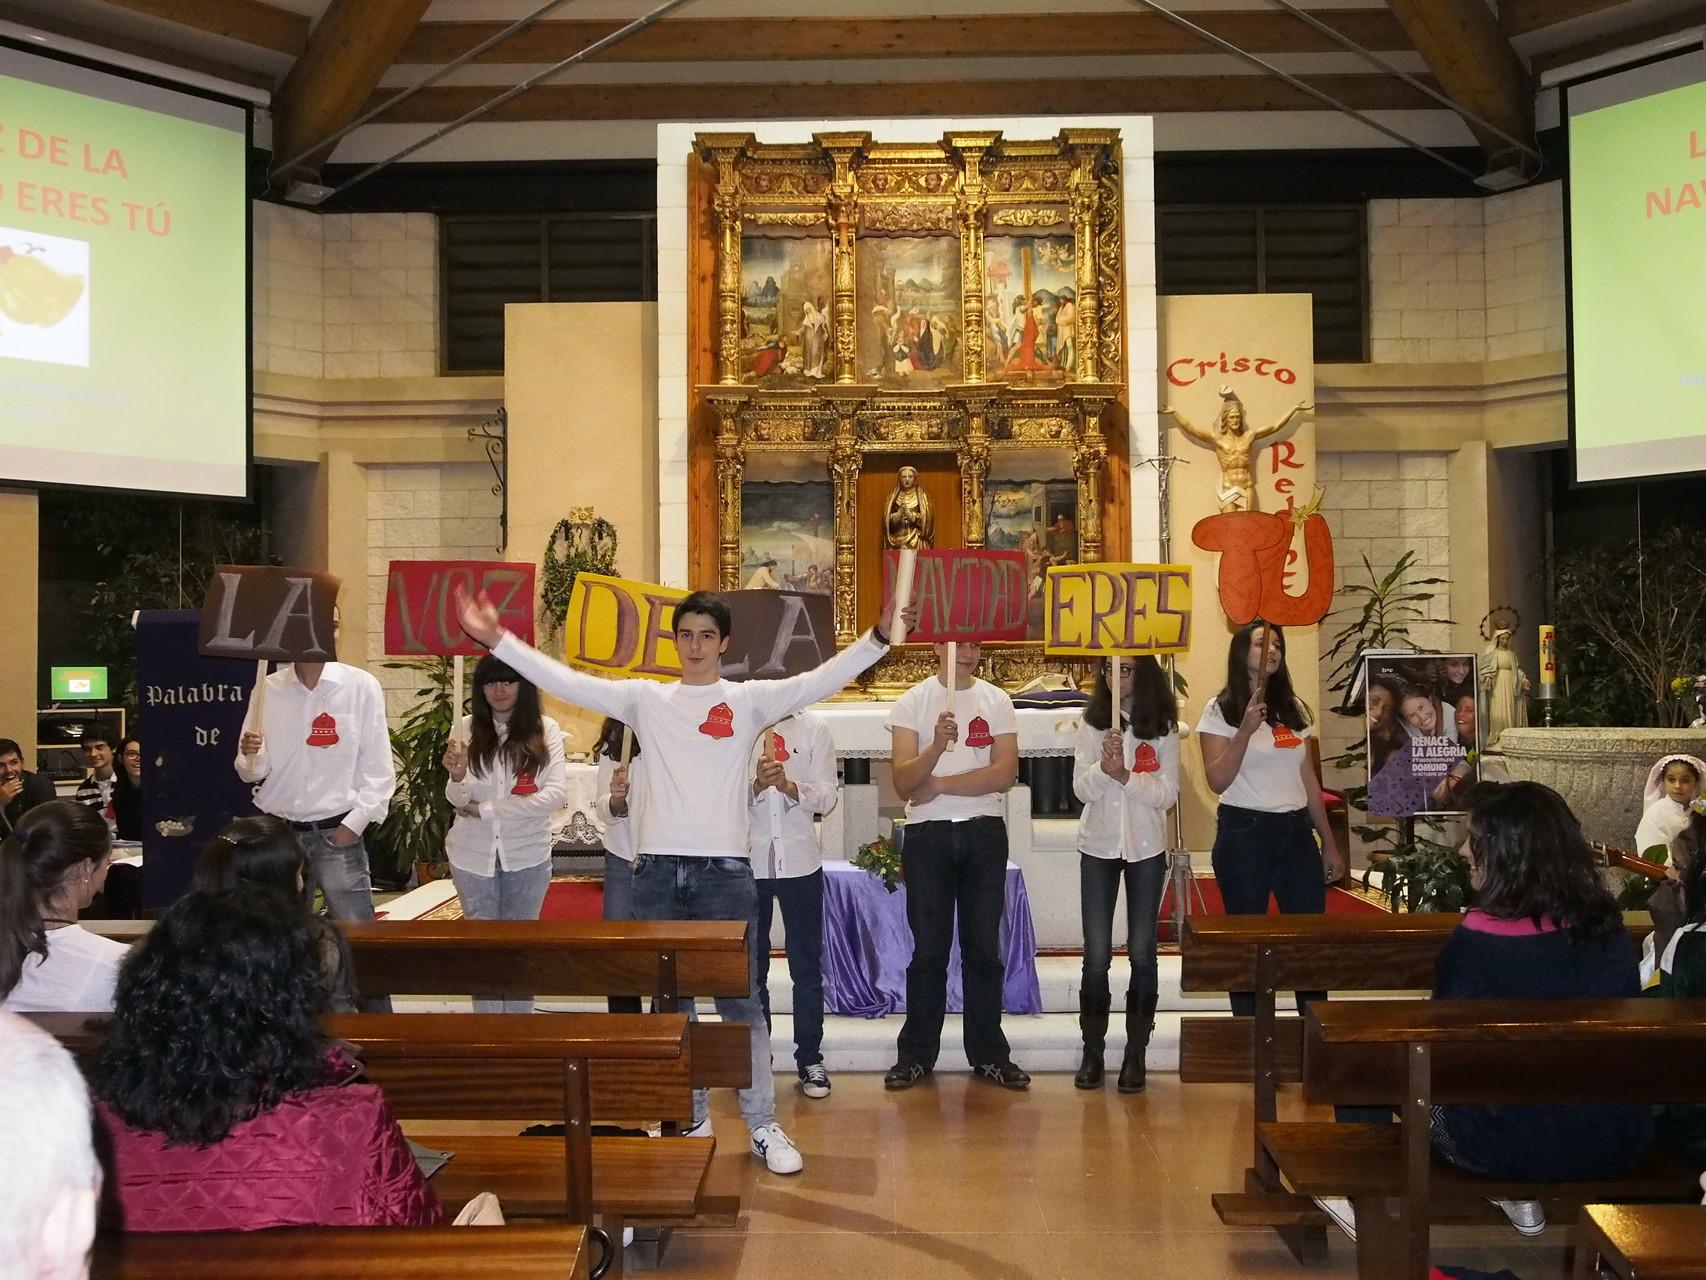 """Concierto de Navidad de la parroquia: """"La voz de la Navidad eres Tú"""" con la participación de toda la Comunidad"""